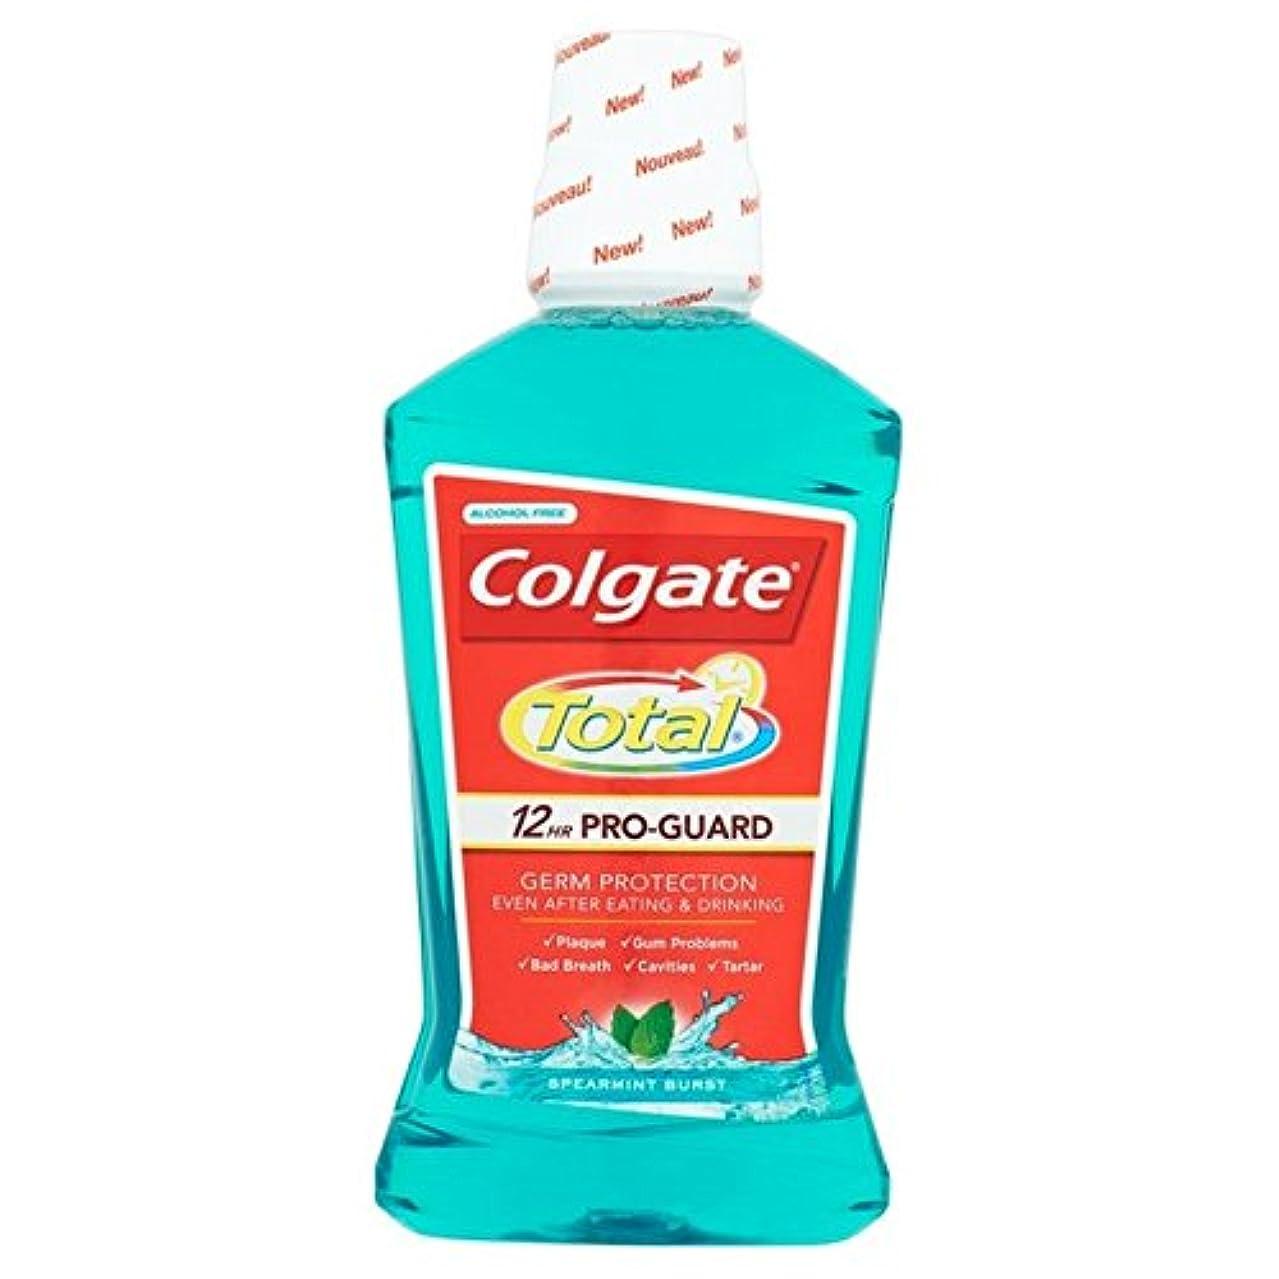 アパル神経障害怖いコルゲートトータル先進的な緑色のマウスウォッシュ500ミリリットル500ミリリットル x4 - Colgate Total Advanced Green Mouthwash 500ml 500ml (Pack of 4)...